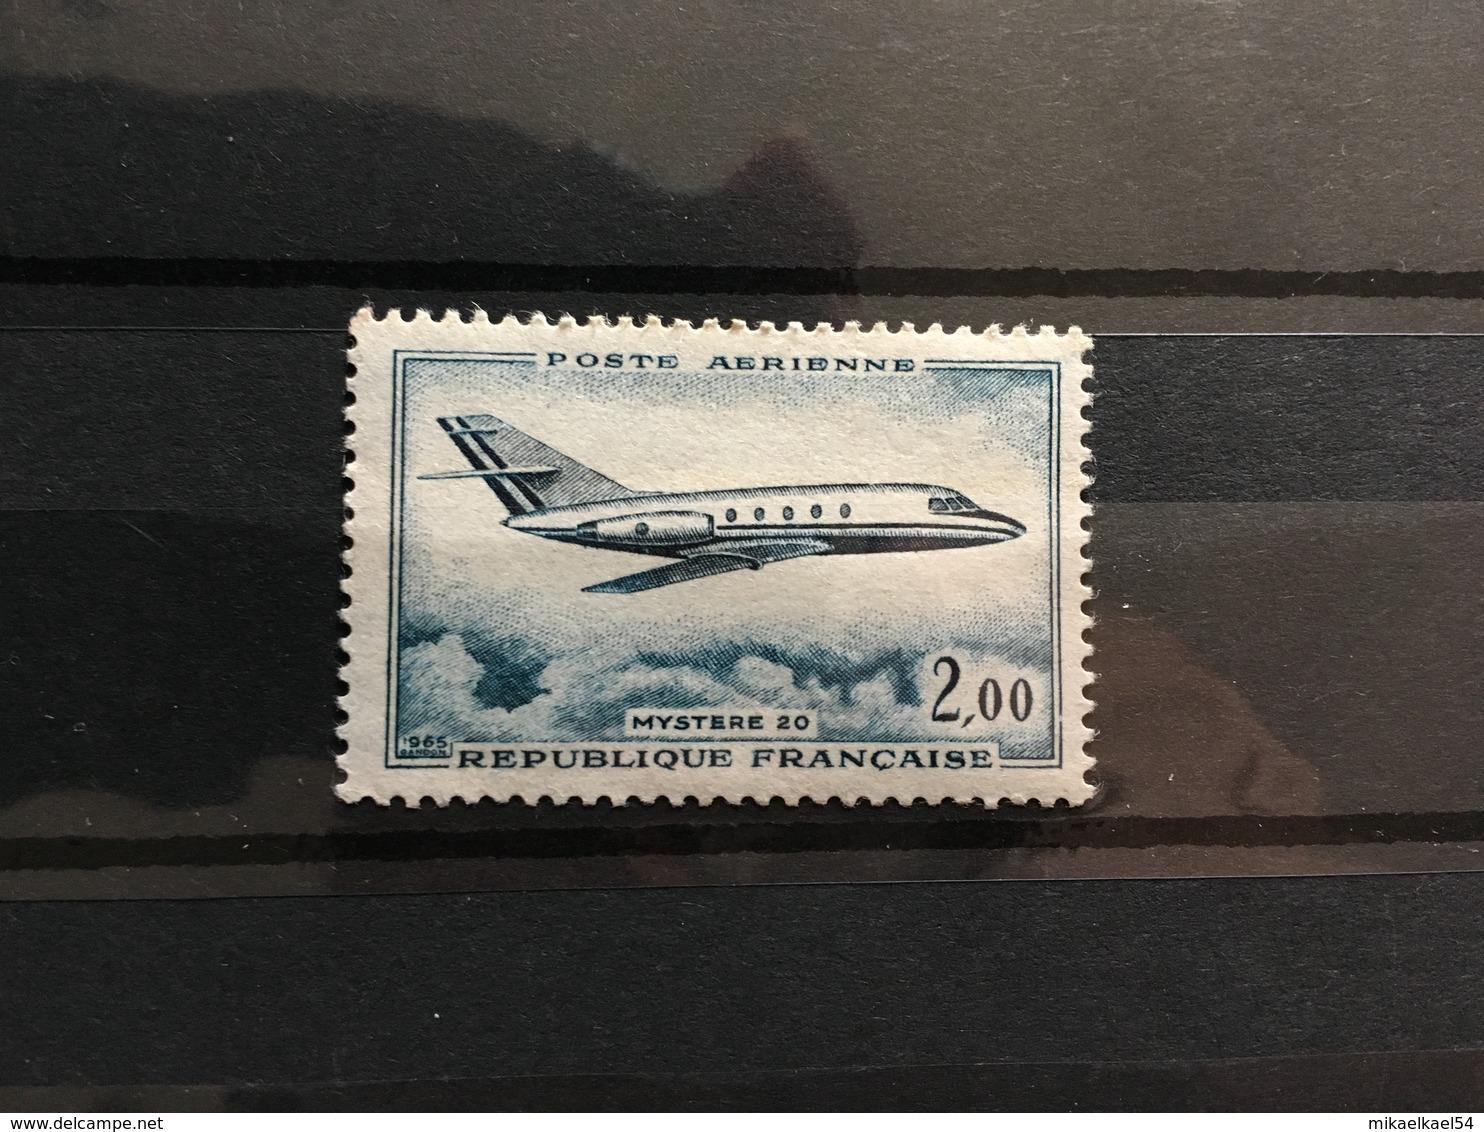 FRANCE Poste Aérienne 1965 - YT N° 42 - Timbre Neuf Sans Charnière - Poste Aérienne